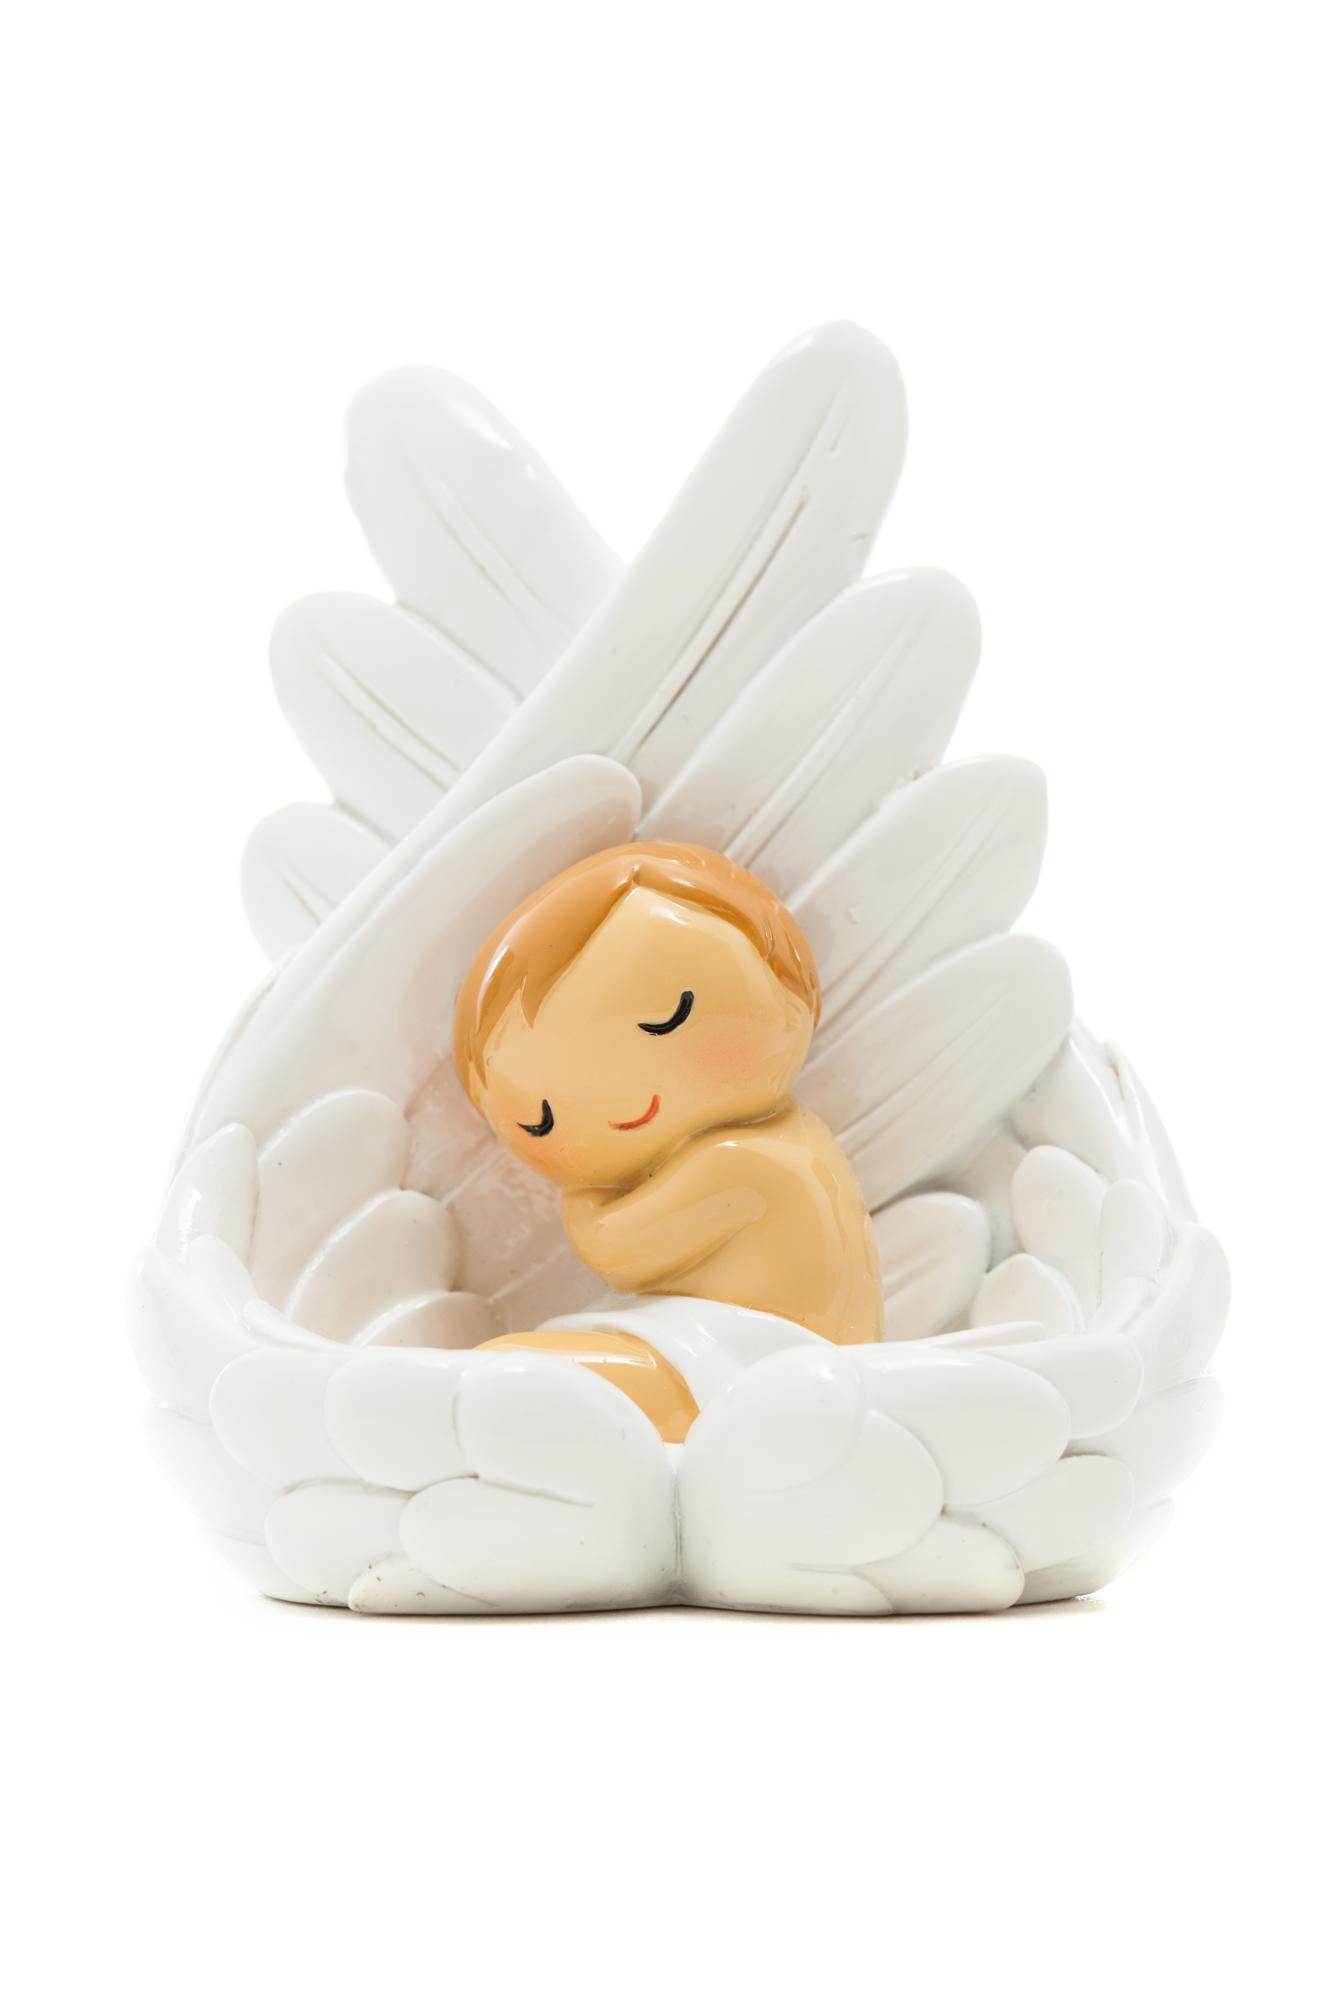 Baby Angel Sleeping on Wings Statue (Little Drops)